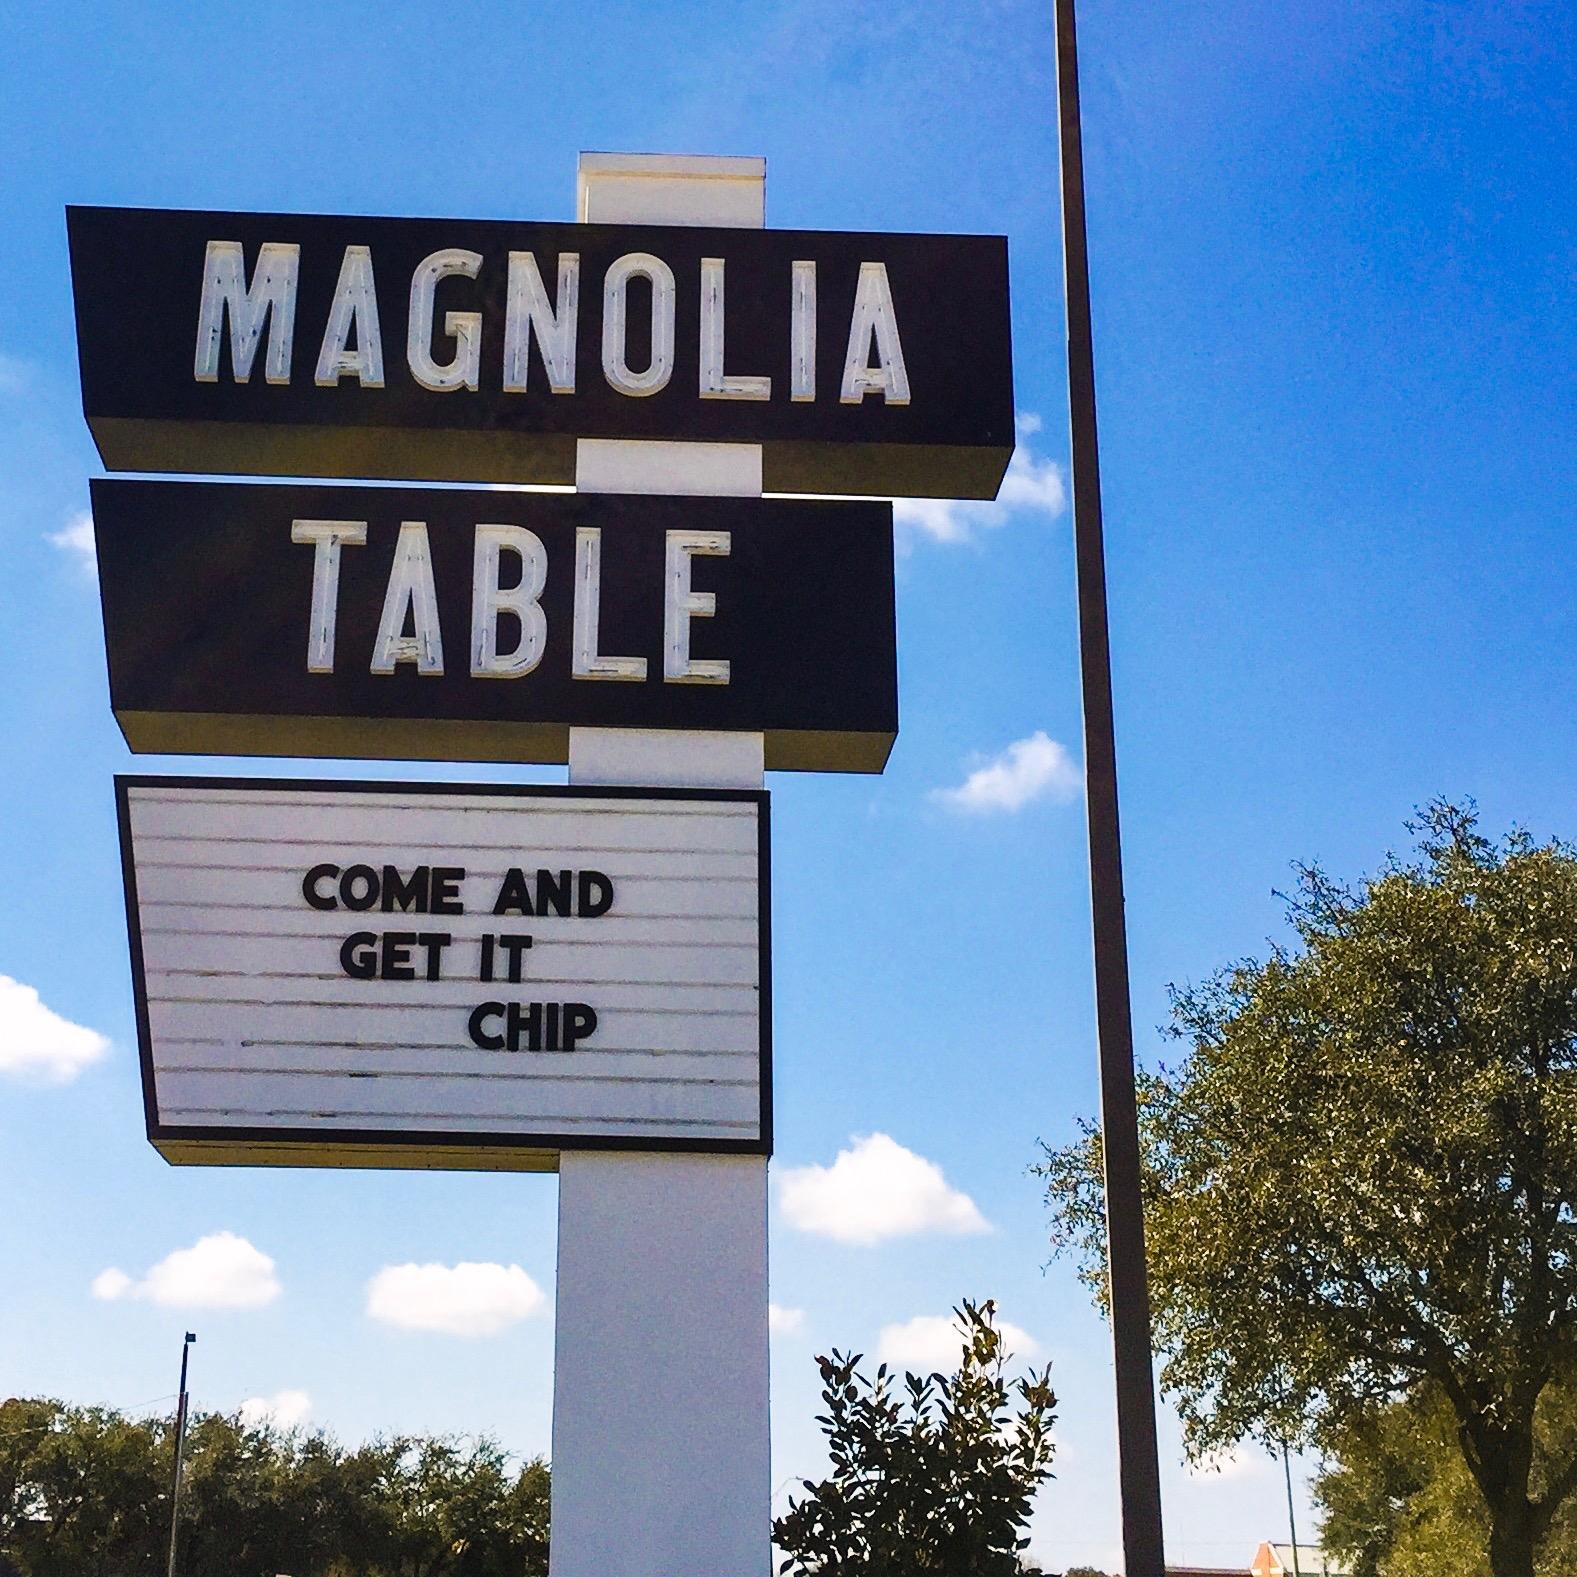 Magnolia Table Restaurant.jpeg